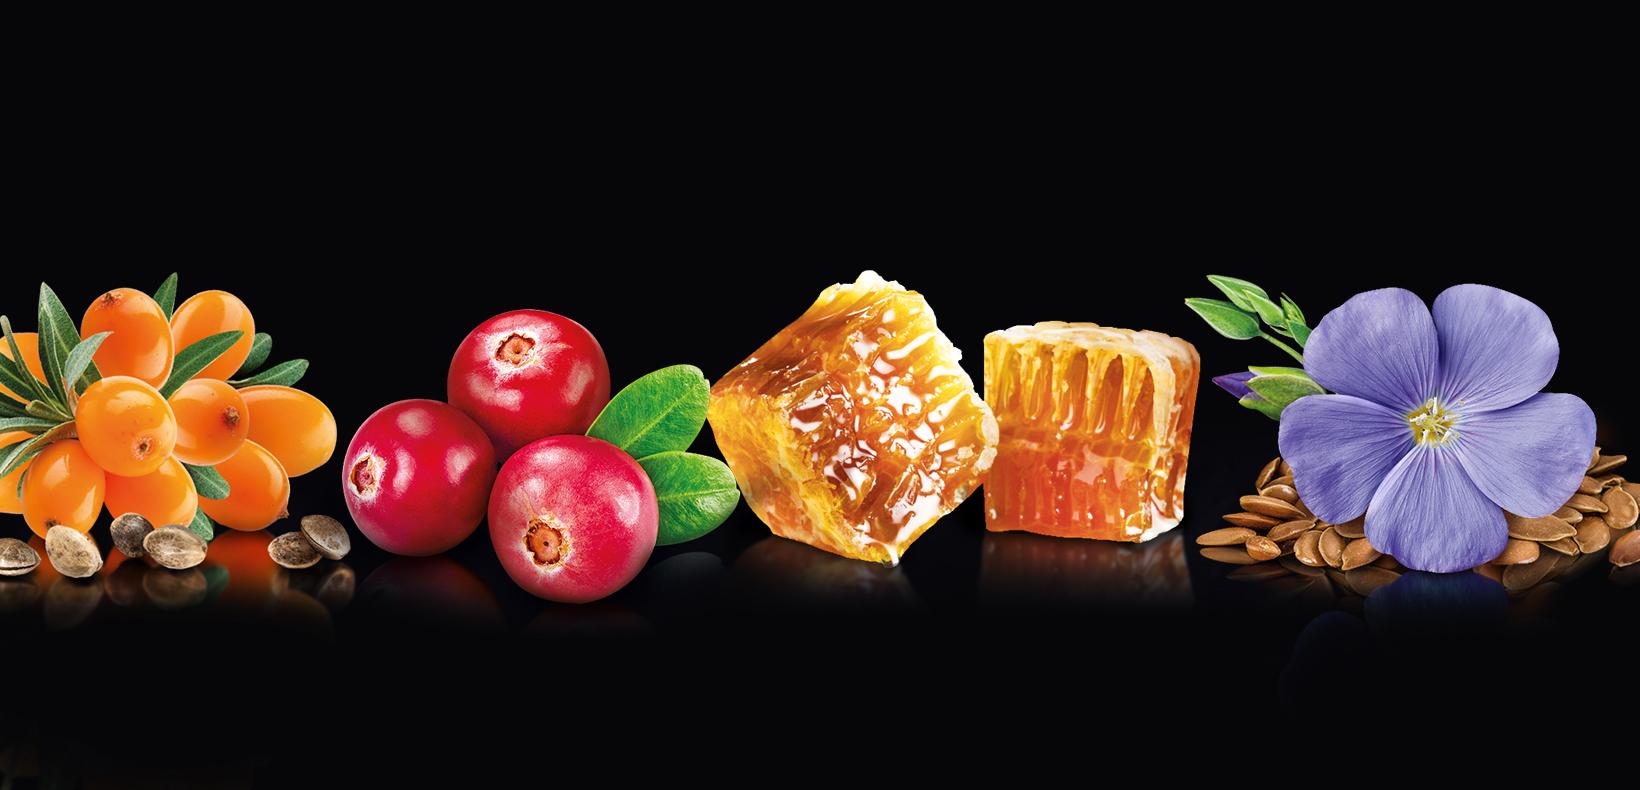 продуктовое демо вкусы крем-меда Ascania